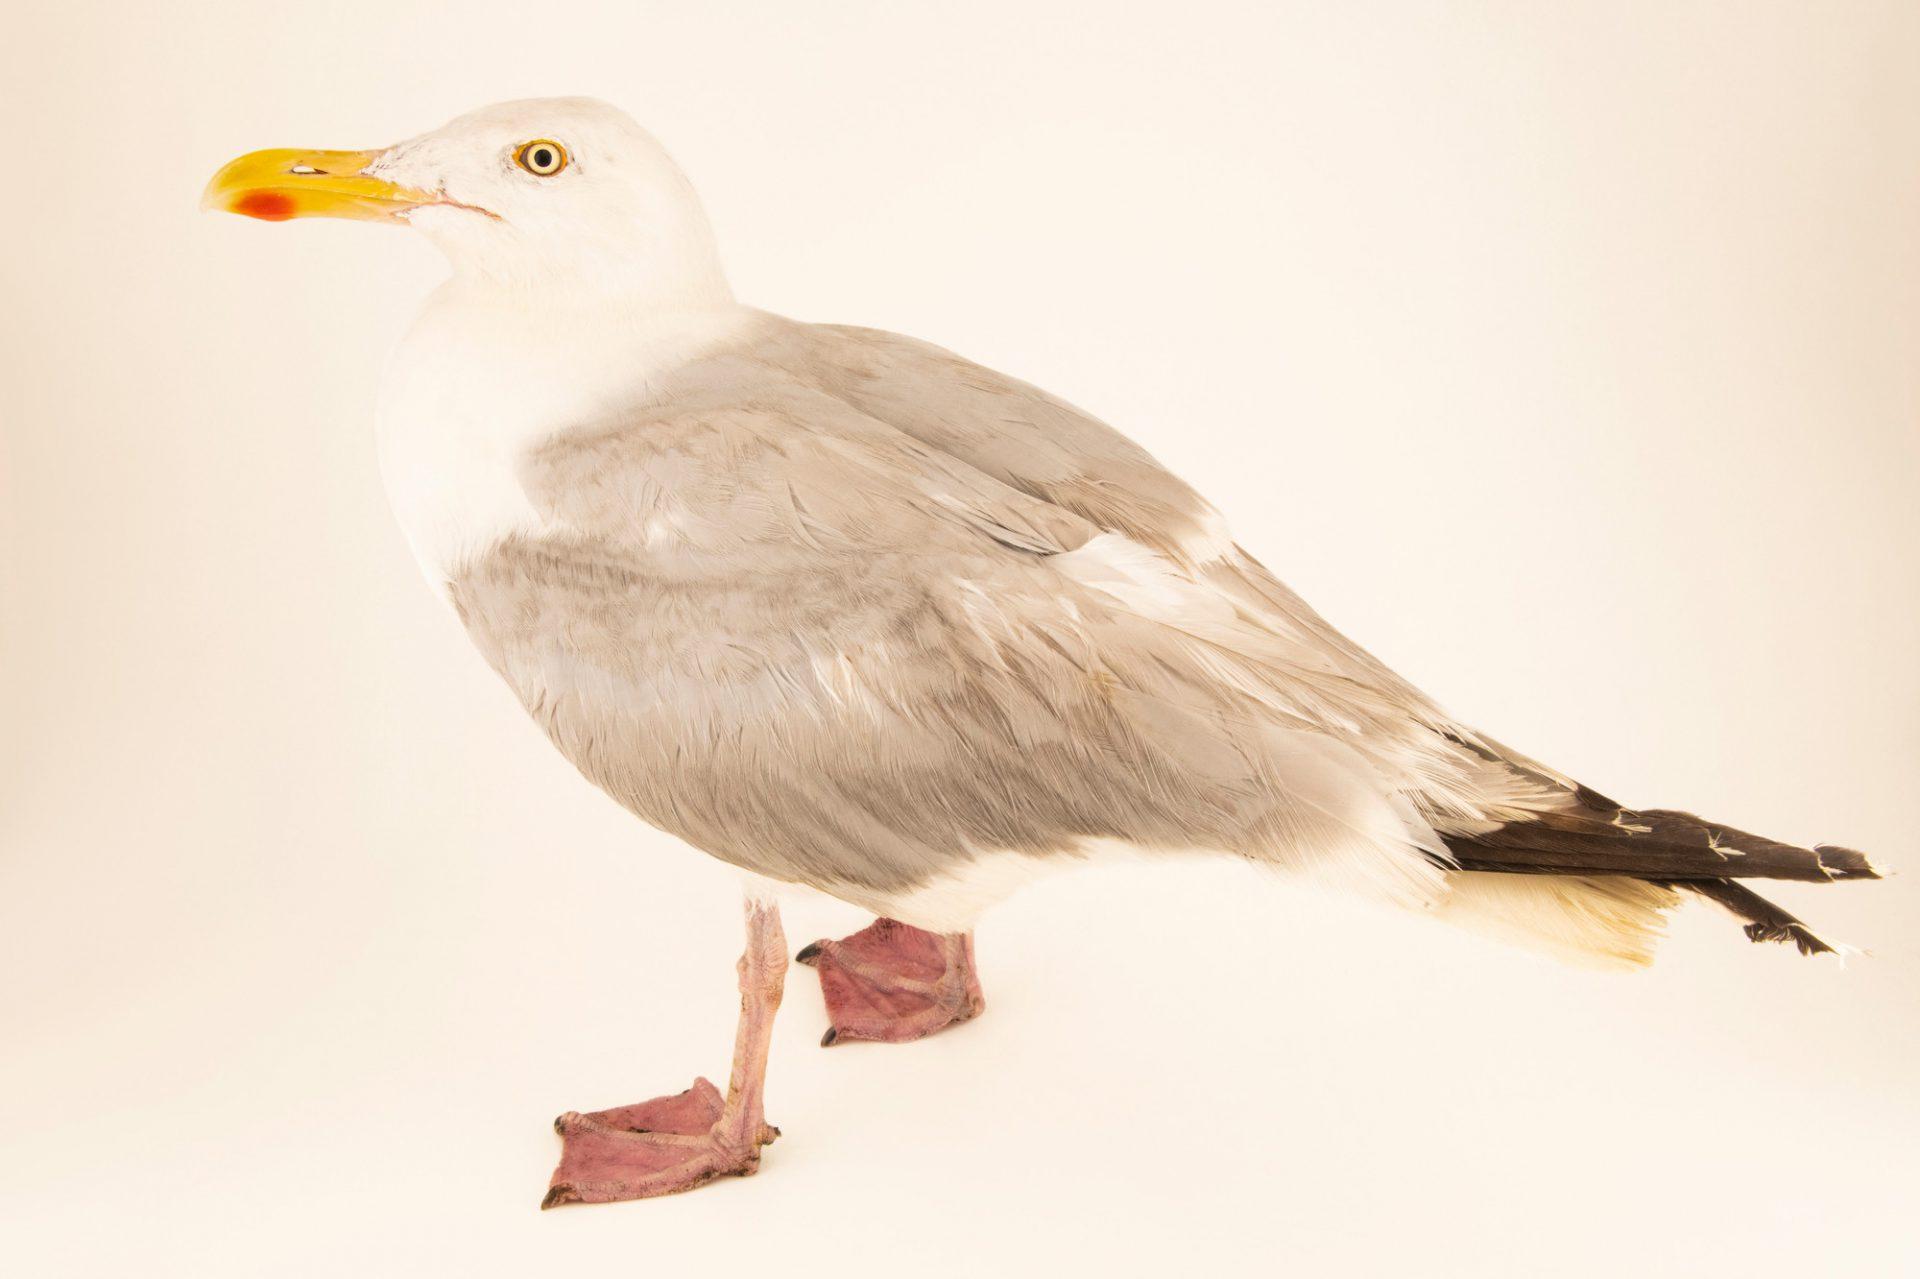 Photo: A European herring gull (Larus argentatus argenteus) at Hessilhead Wildlife Rescue.